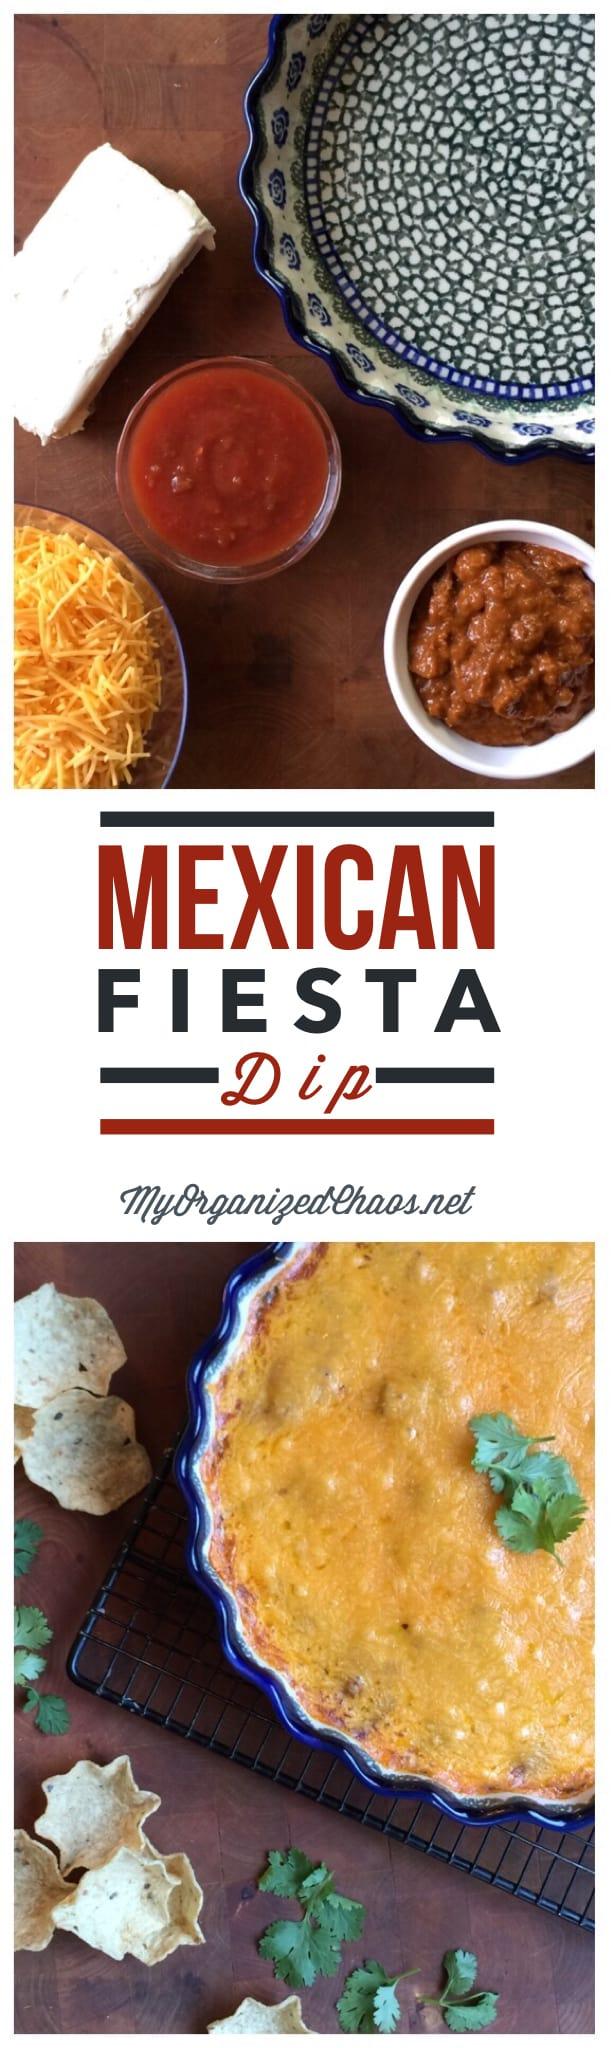 Mexican Fiesta Dip Appetizer Recipe